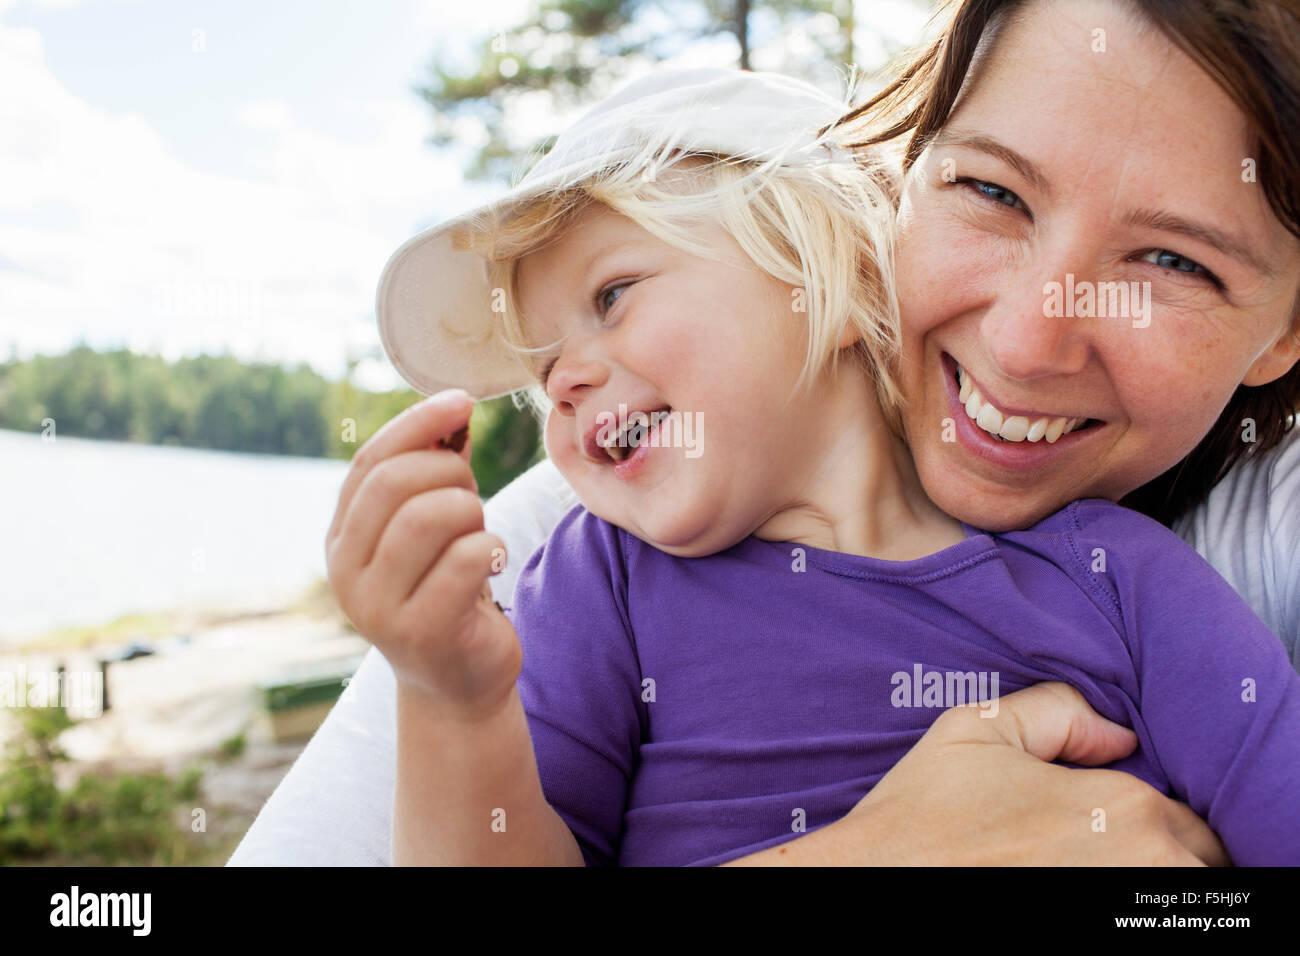 Schweden, Vastergotland, Vattlefjall Naturschutzgebiet, Mutter mit Tochter (2-3) Stockbild